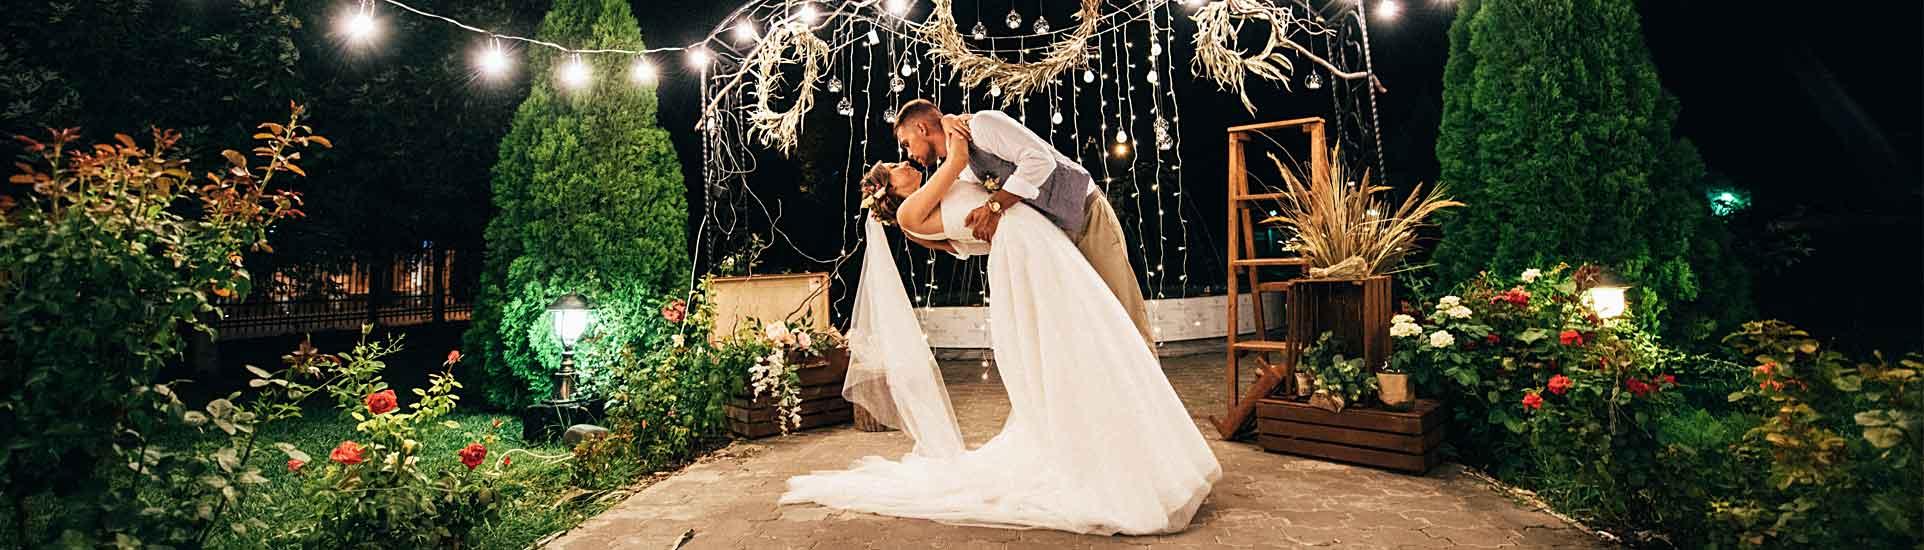 rhodes-wedding-dj-services-header